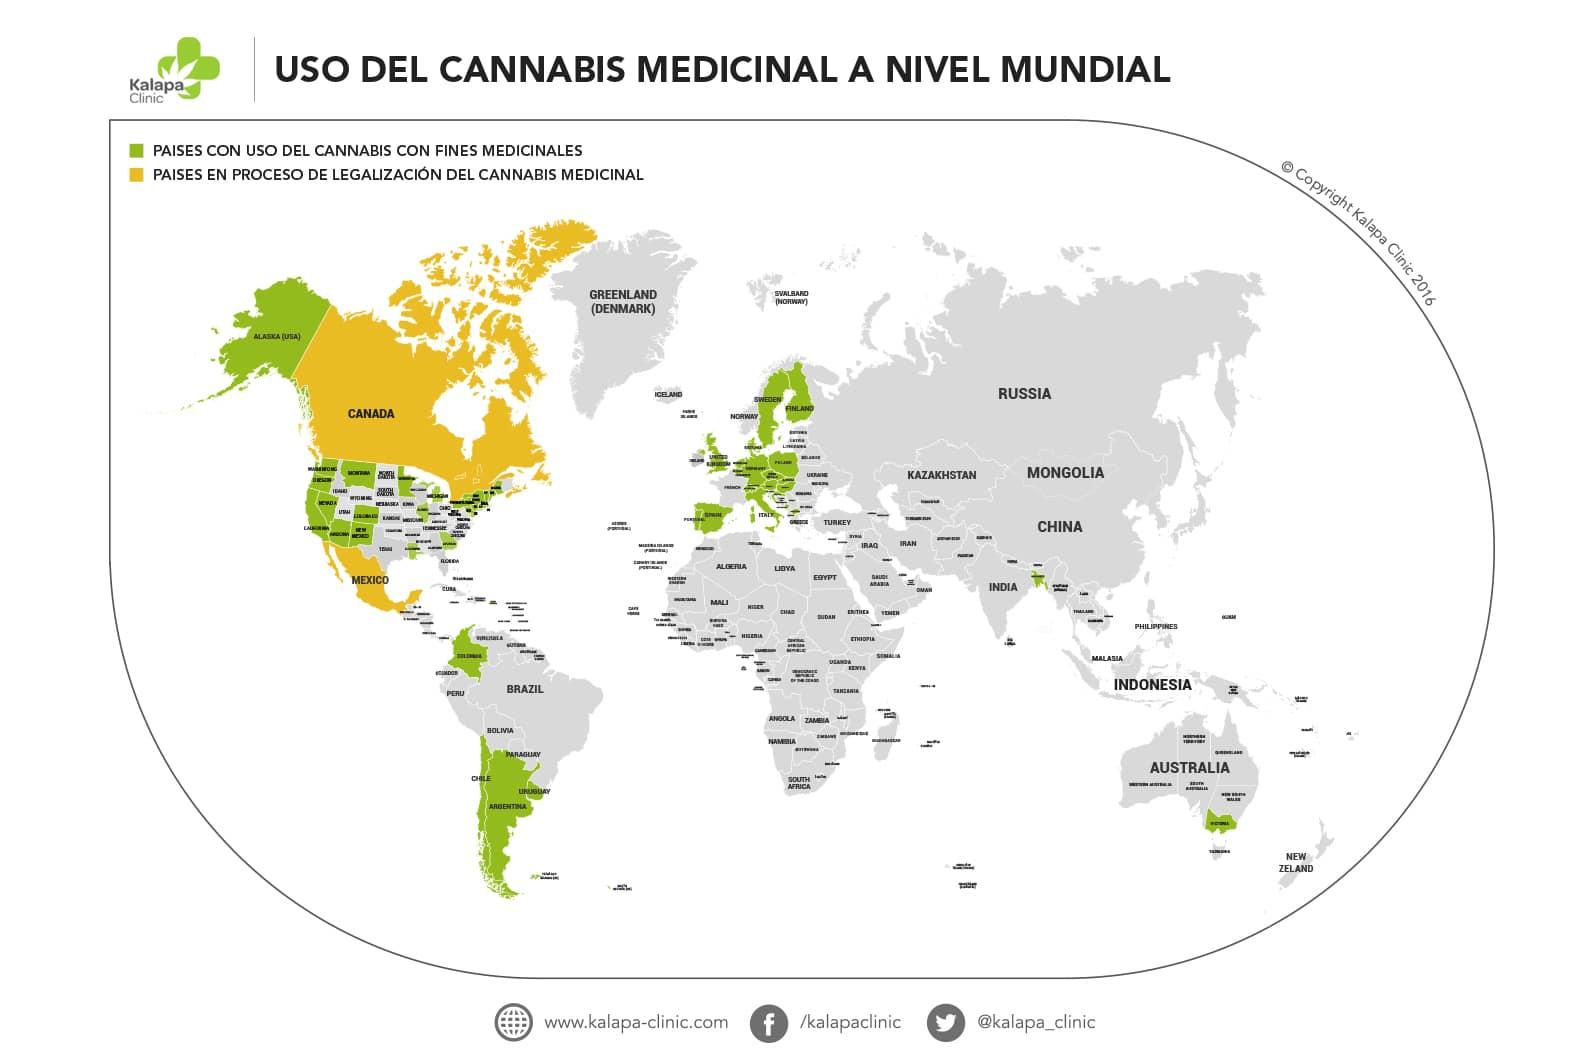 El cannabis medicinal en el mundo